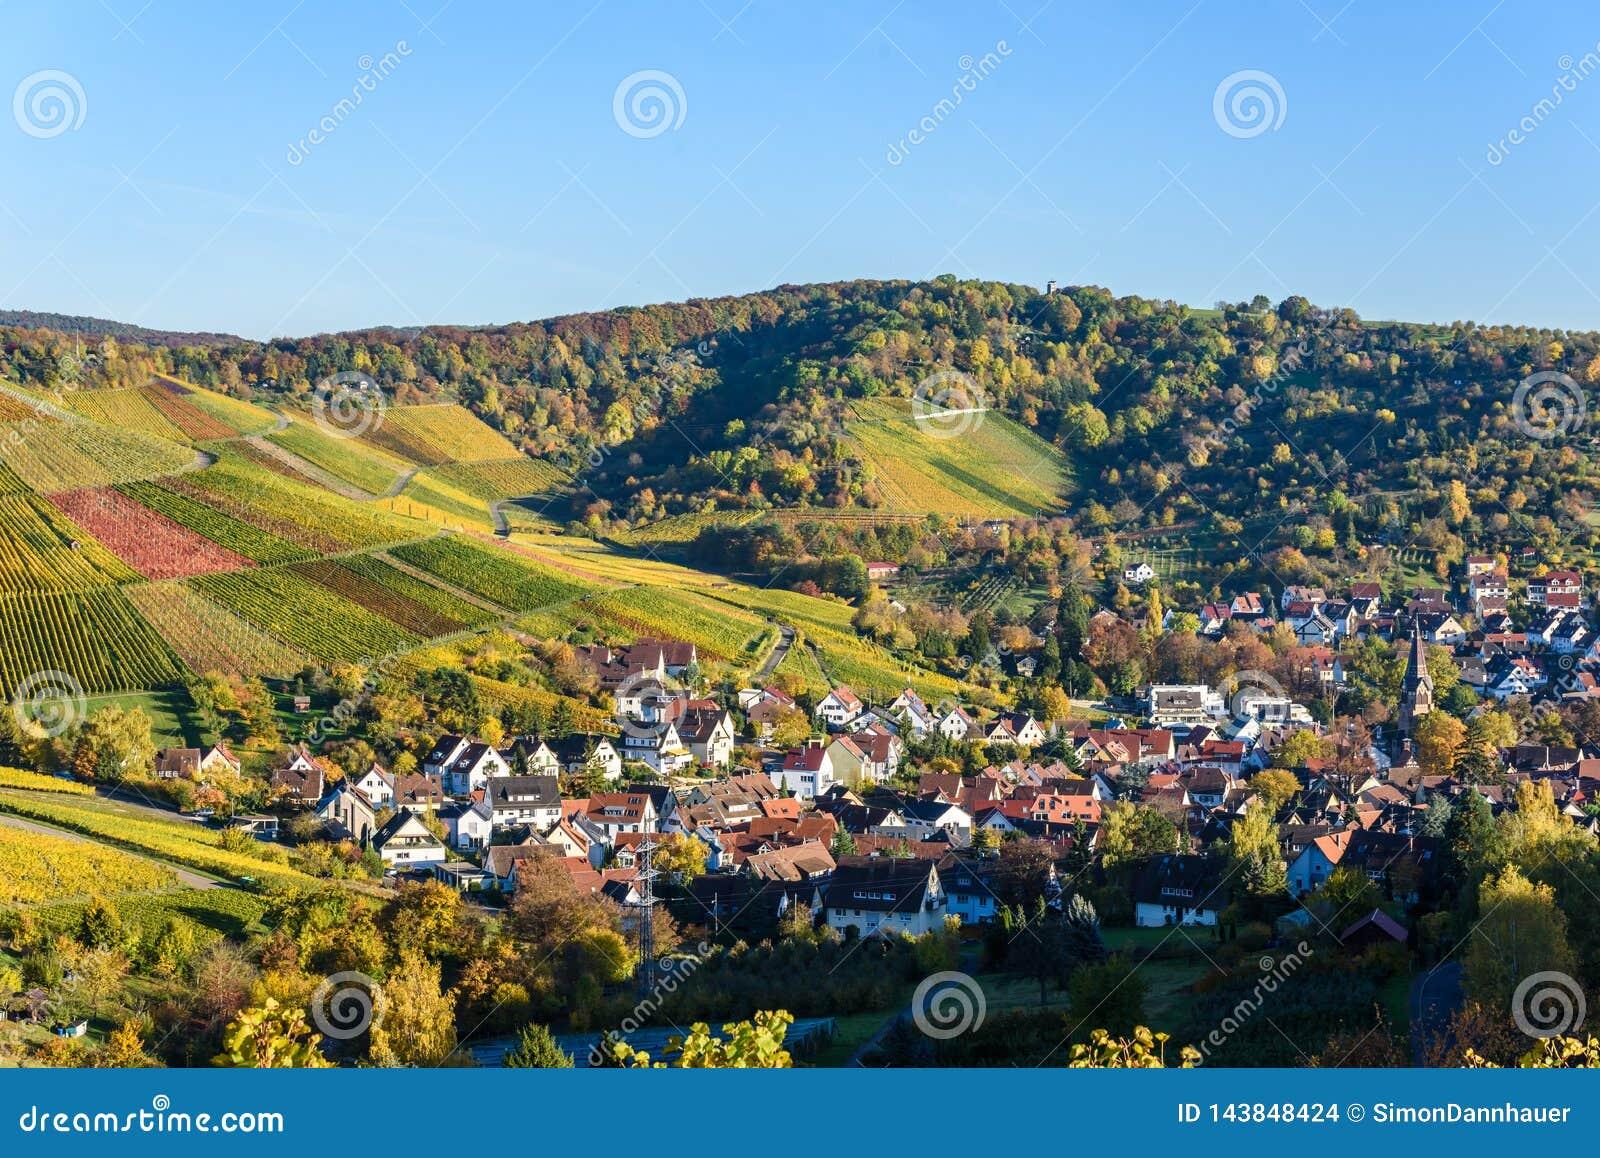 Виноградники на Штутгарте - красивом винодельческом регионе на юге Германии